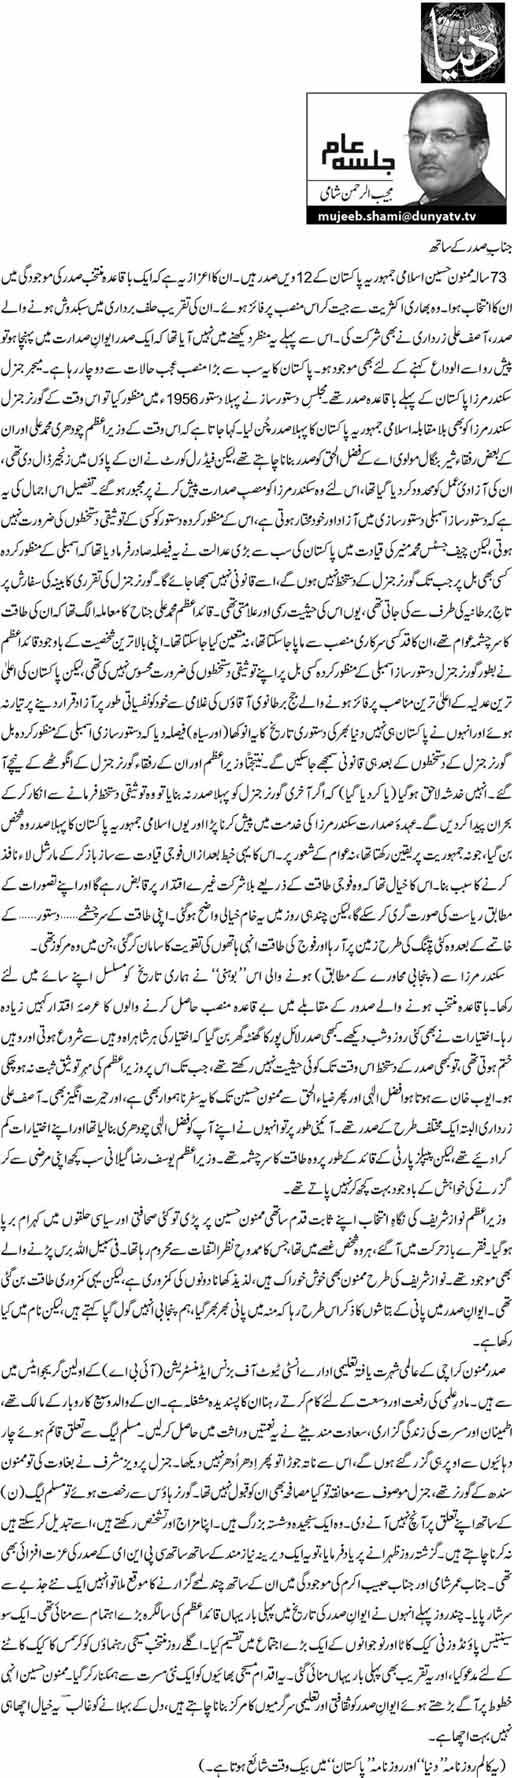 Janab e Sadar k Sath - Mujeeb ur Rehman Shami